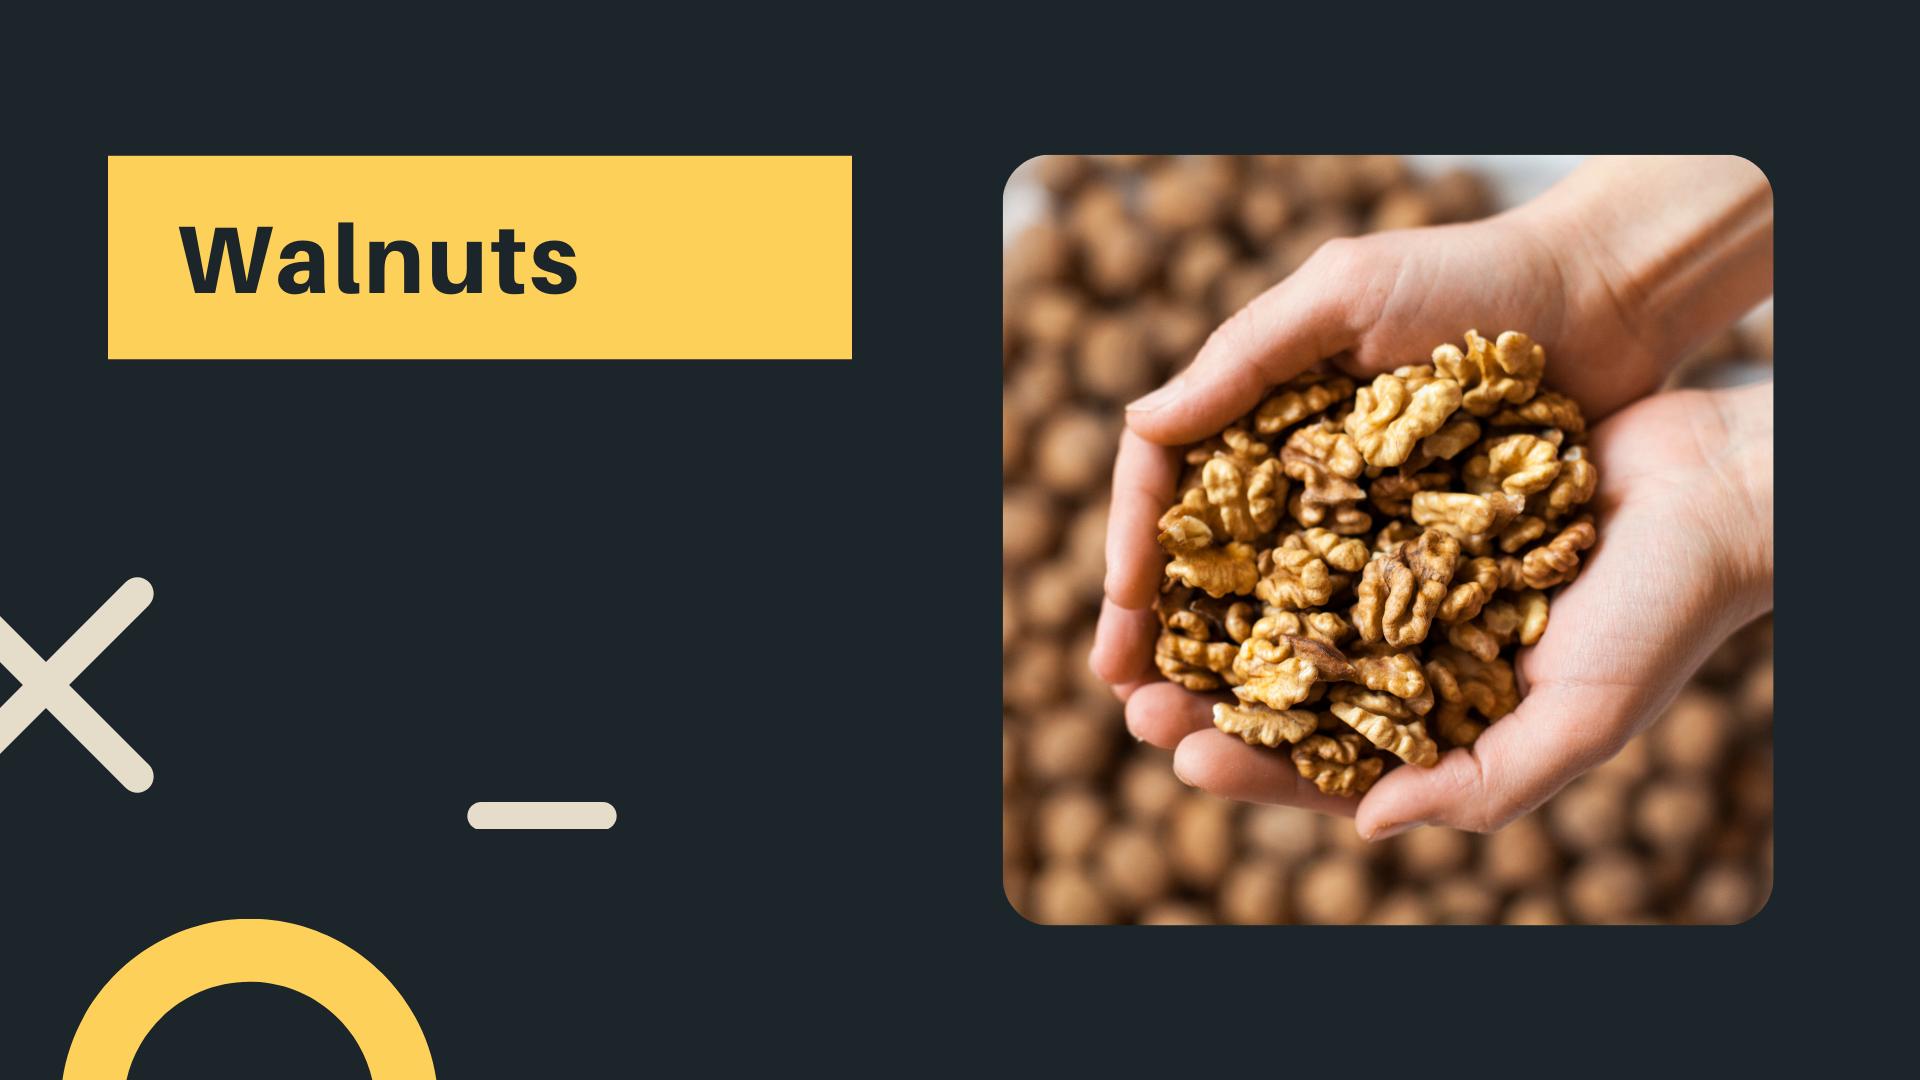 1 walnuts